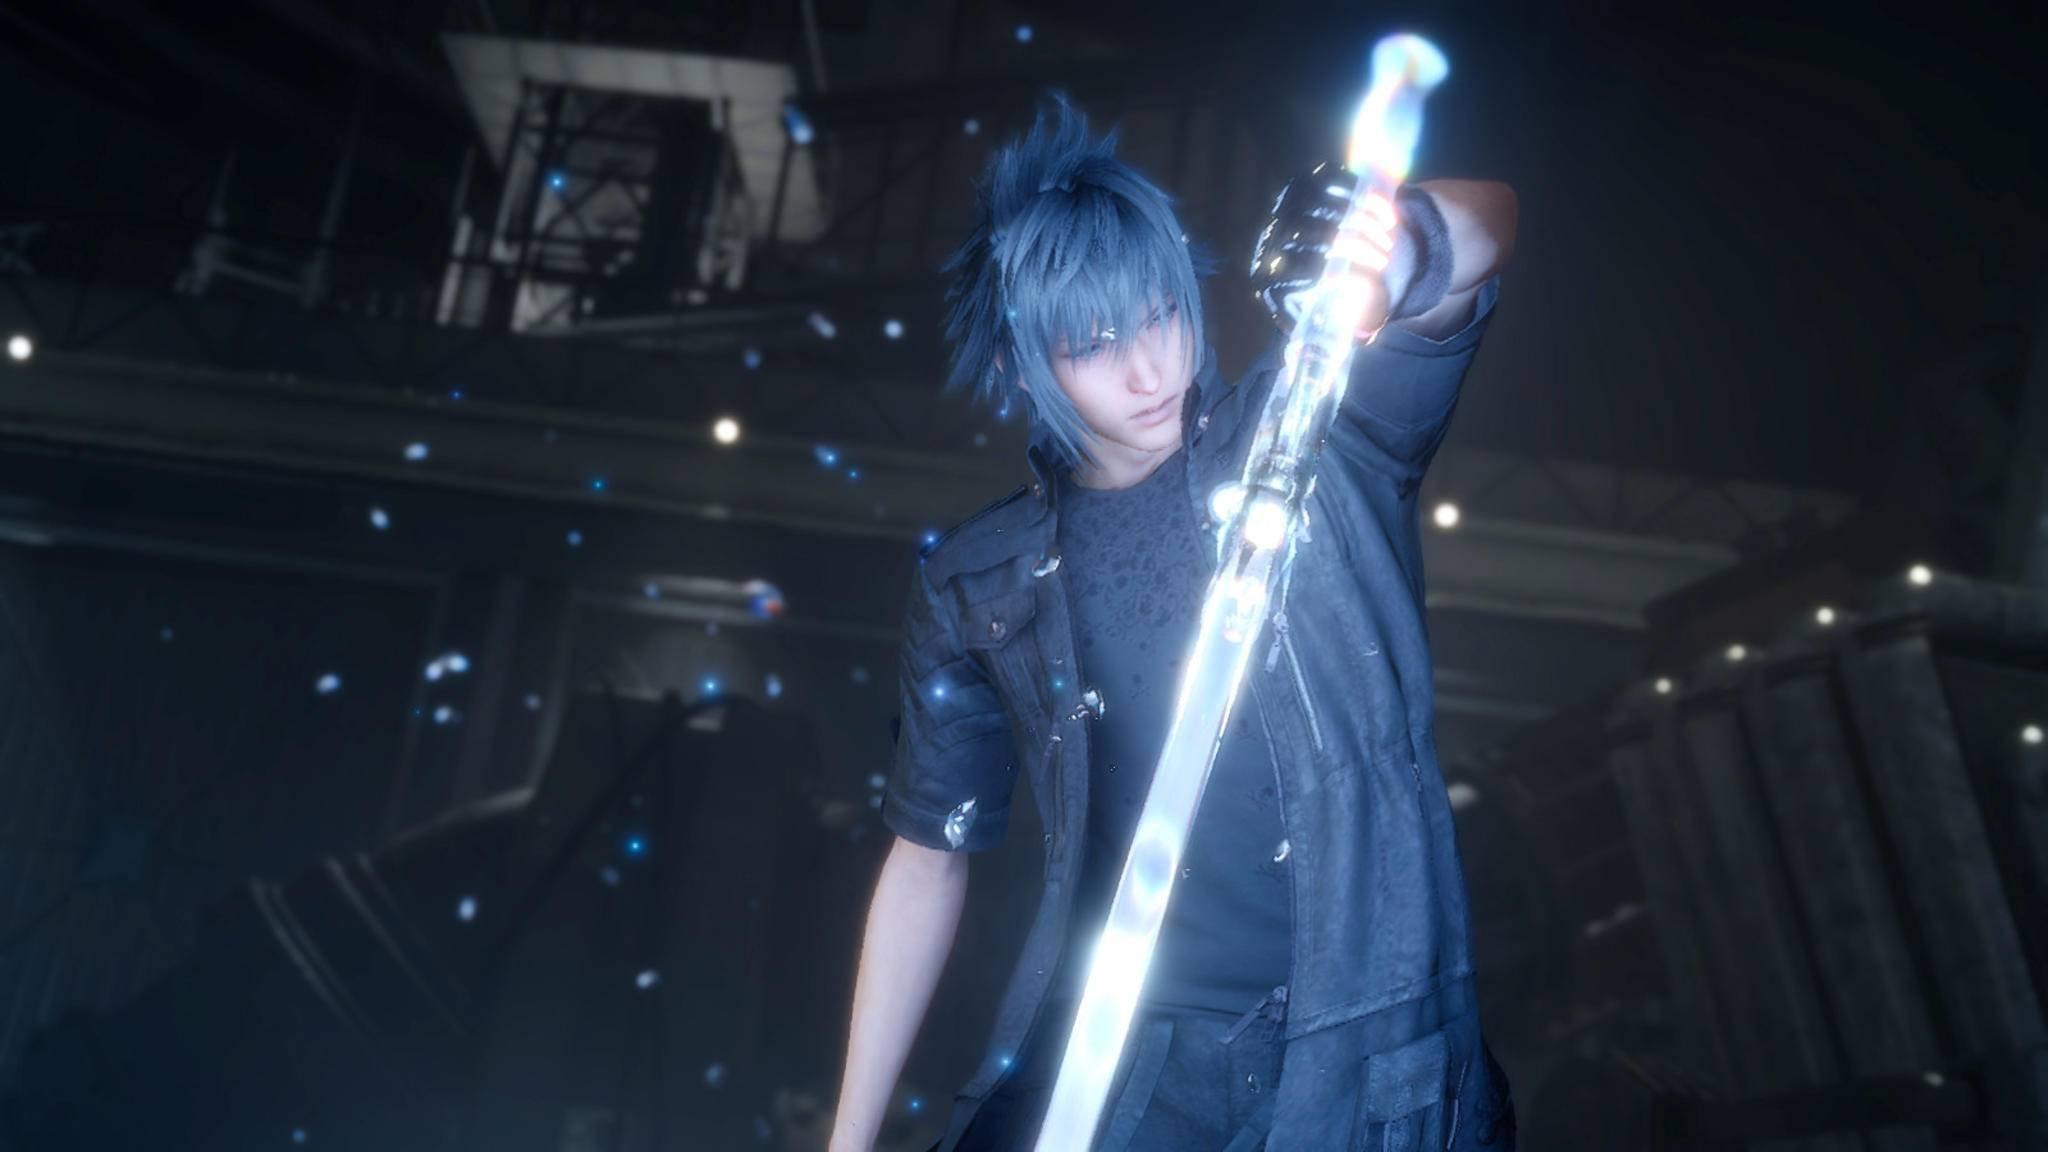 """Prinz Noctis kann mit den Königswaffen in """"Final Fantasy 15"""" besonders kräftig zuschlagen."""